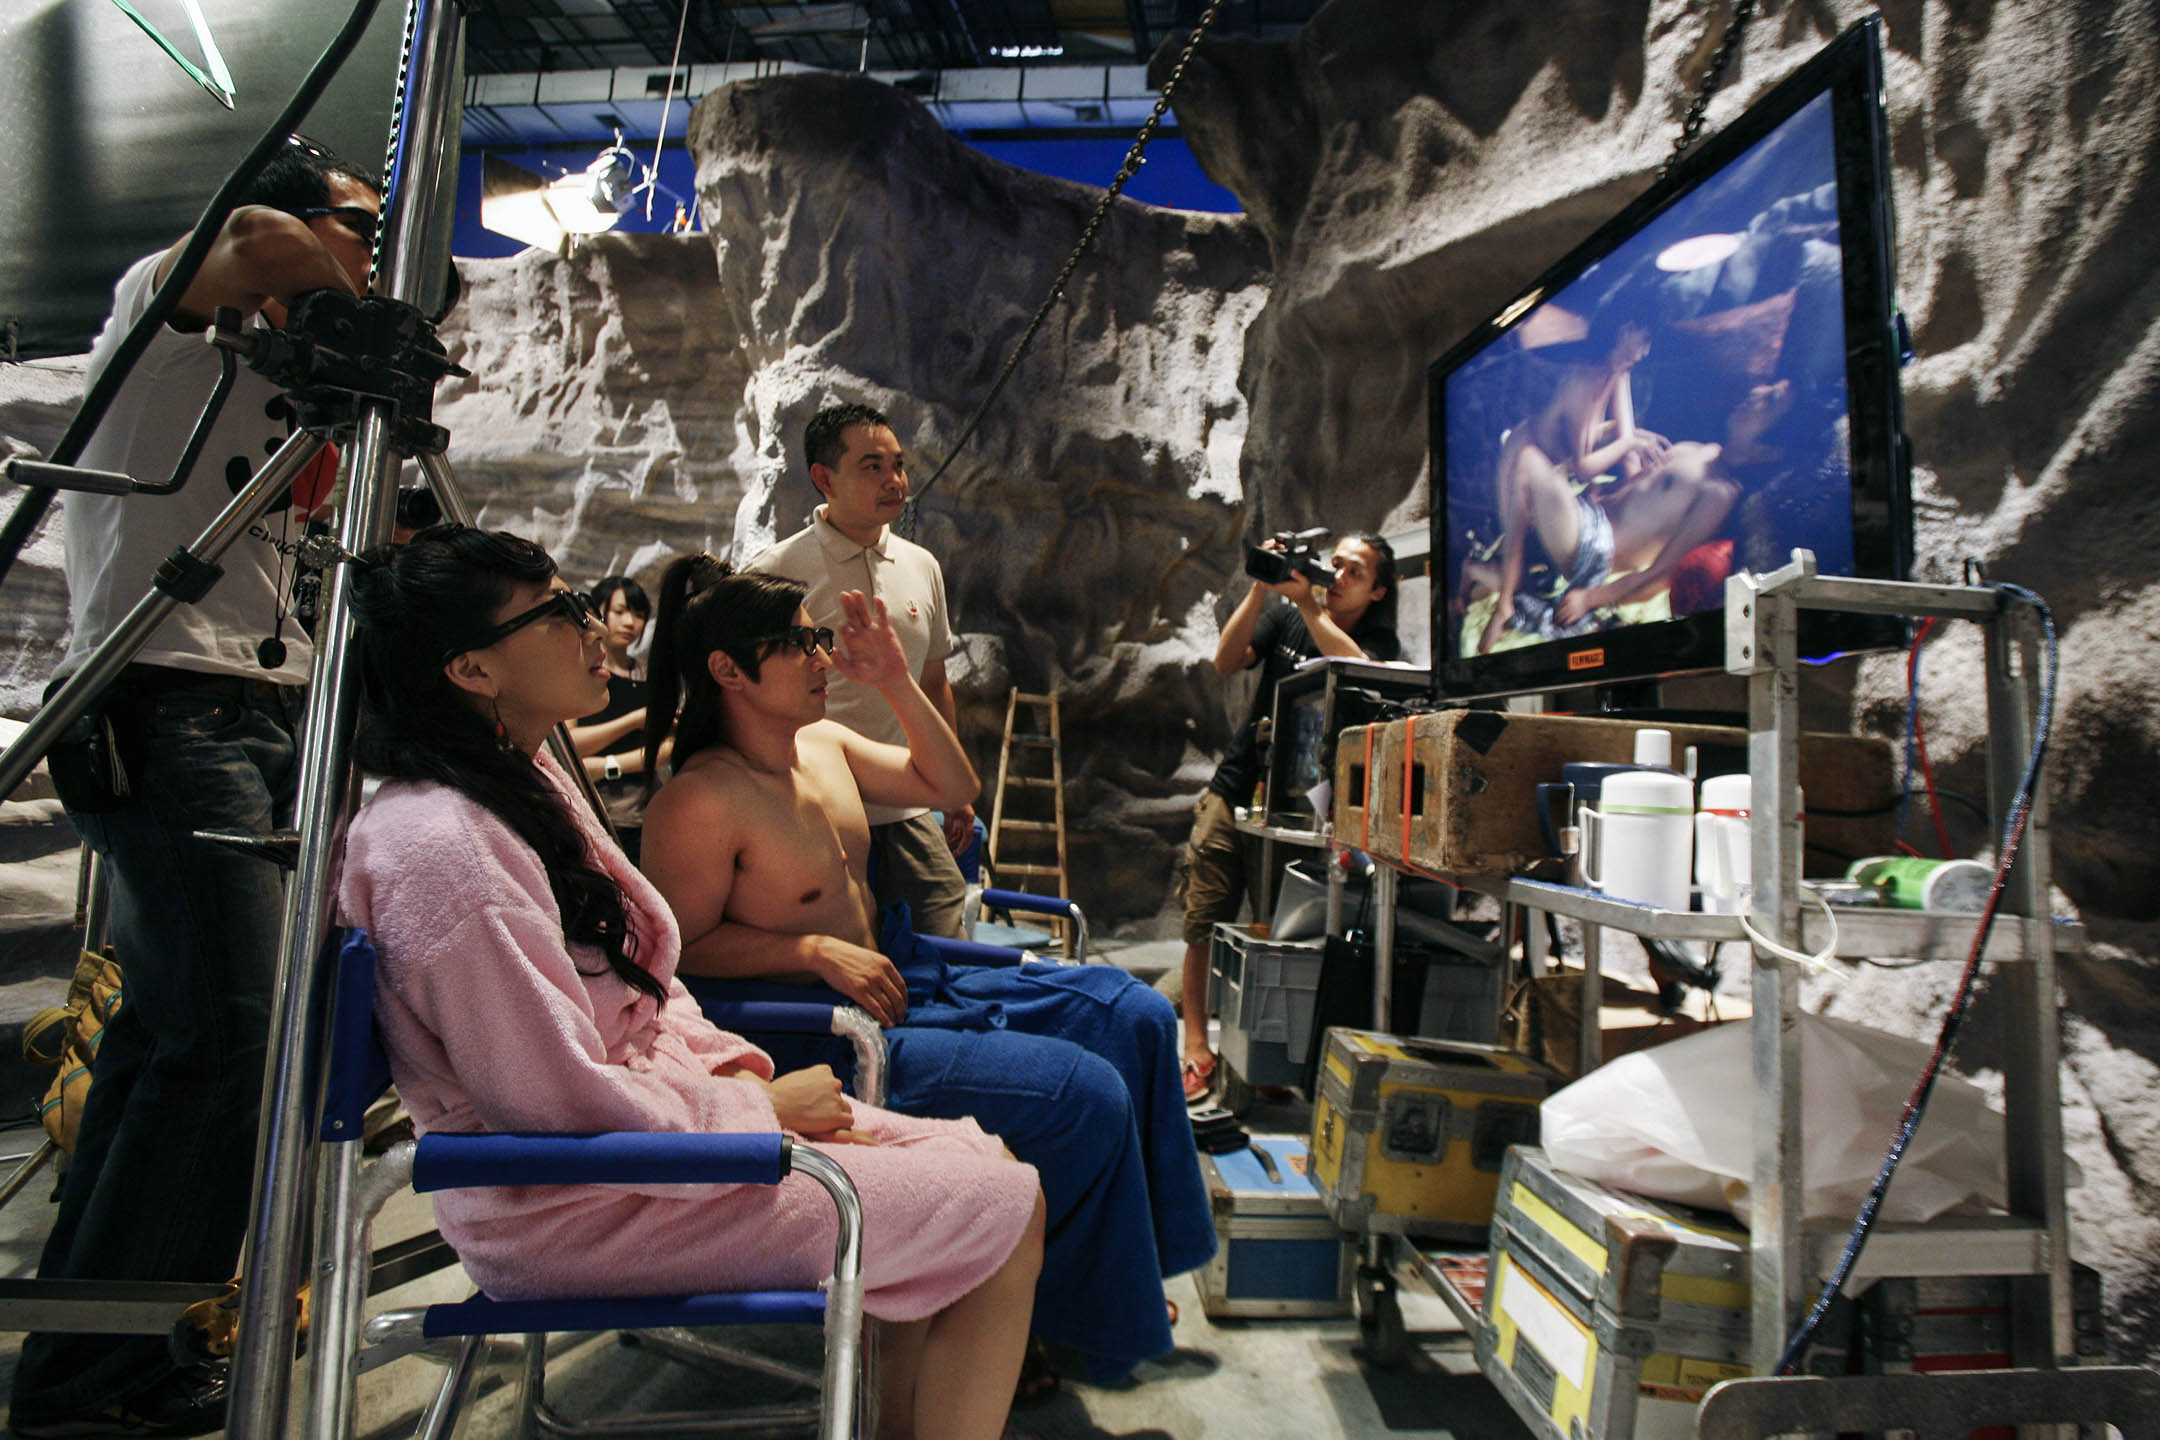 2010年8月13日香港,色情片的演員戴著3D眼鏡觀看製作過程中的重播影片。 攝:Bobby Yip/Reuters/達志影像